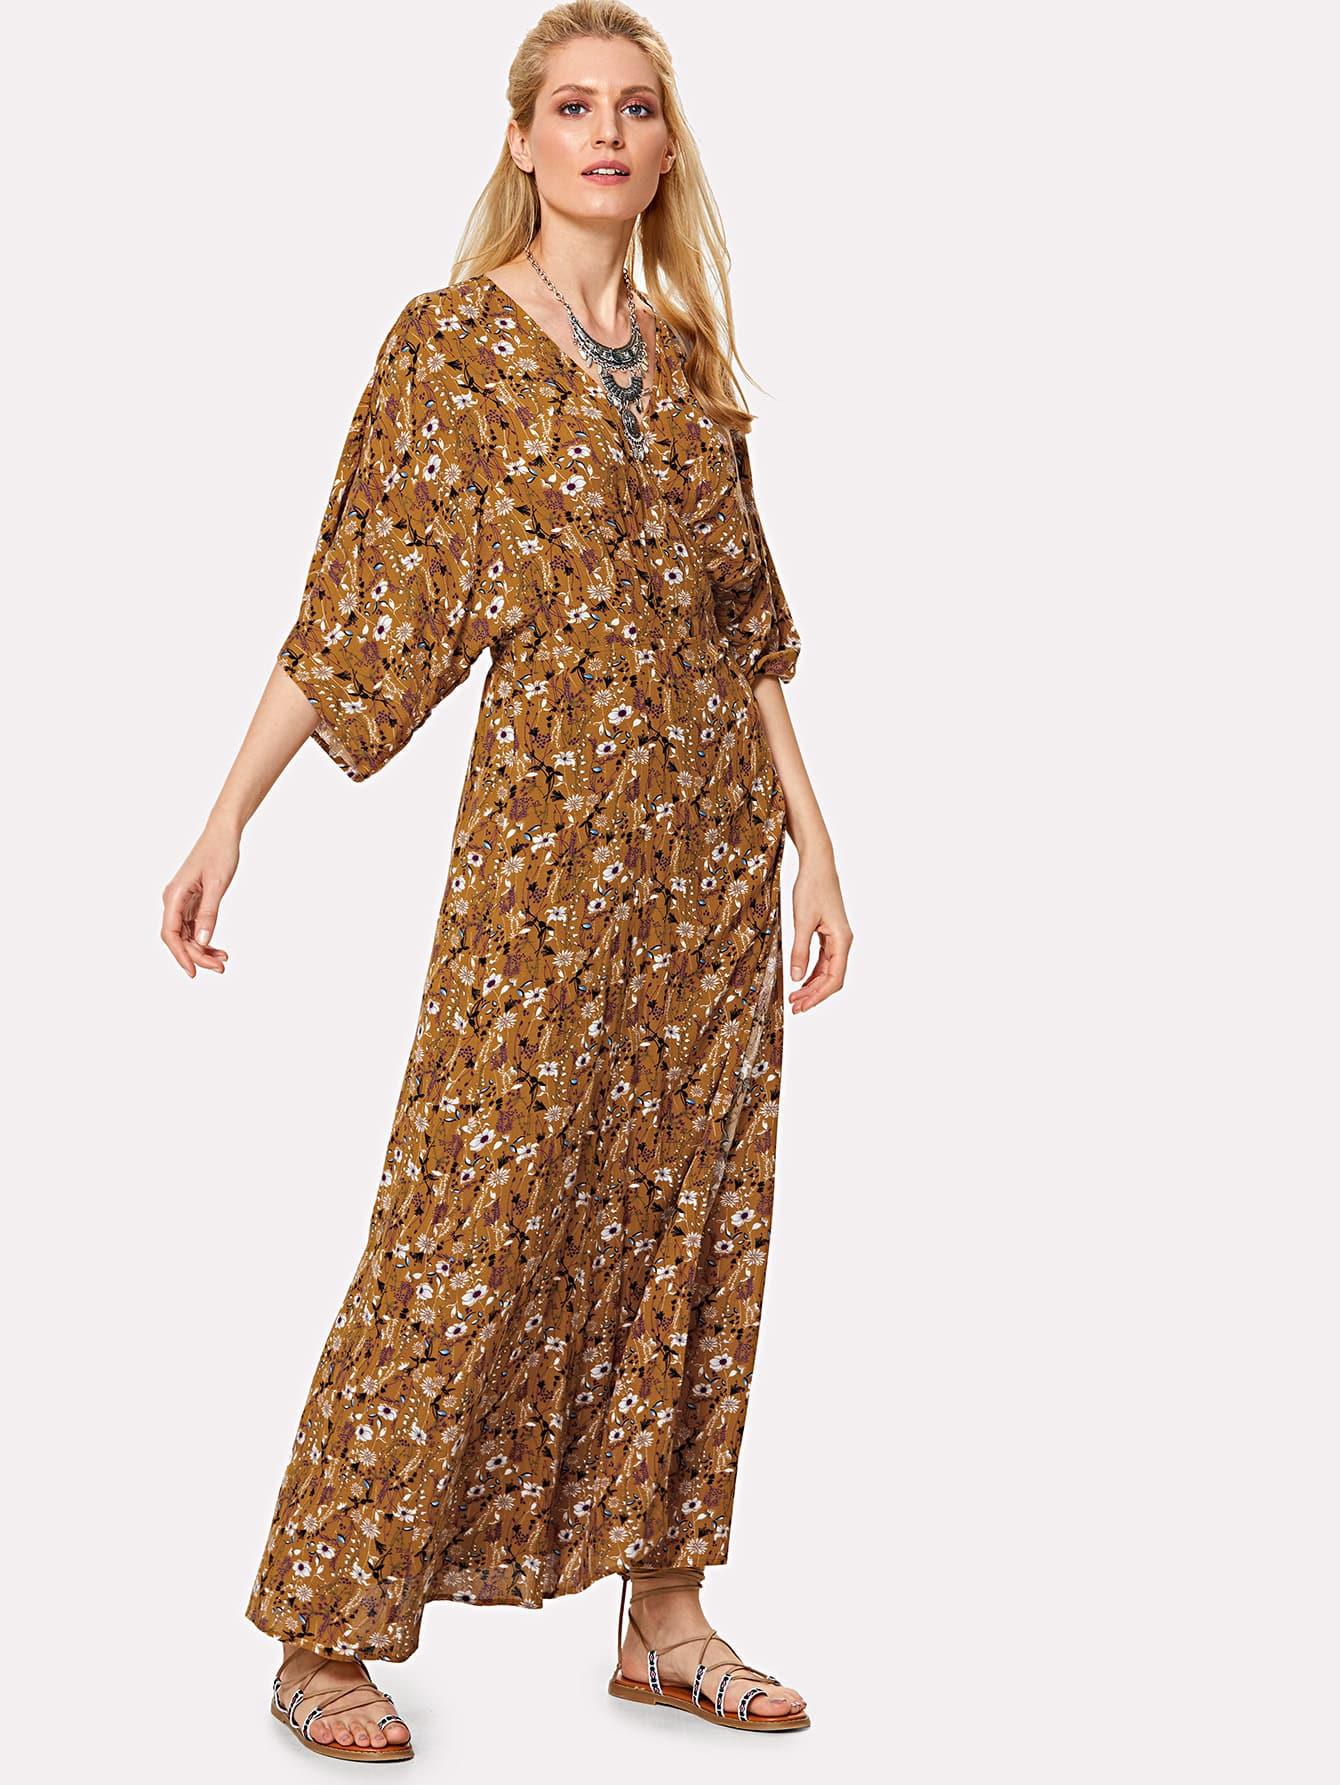 Knot Wrap Back Floral Dolman Dress plunging neck knot back floral dress